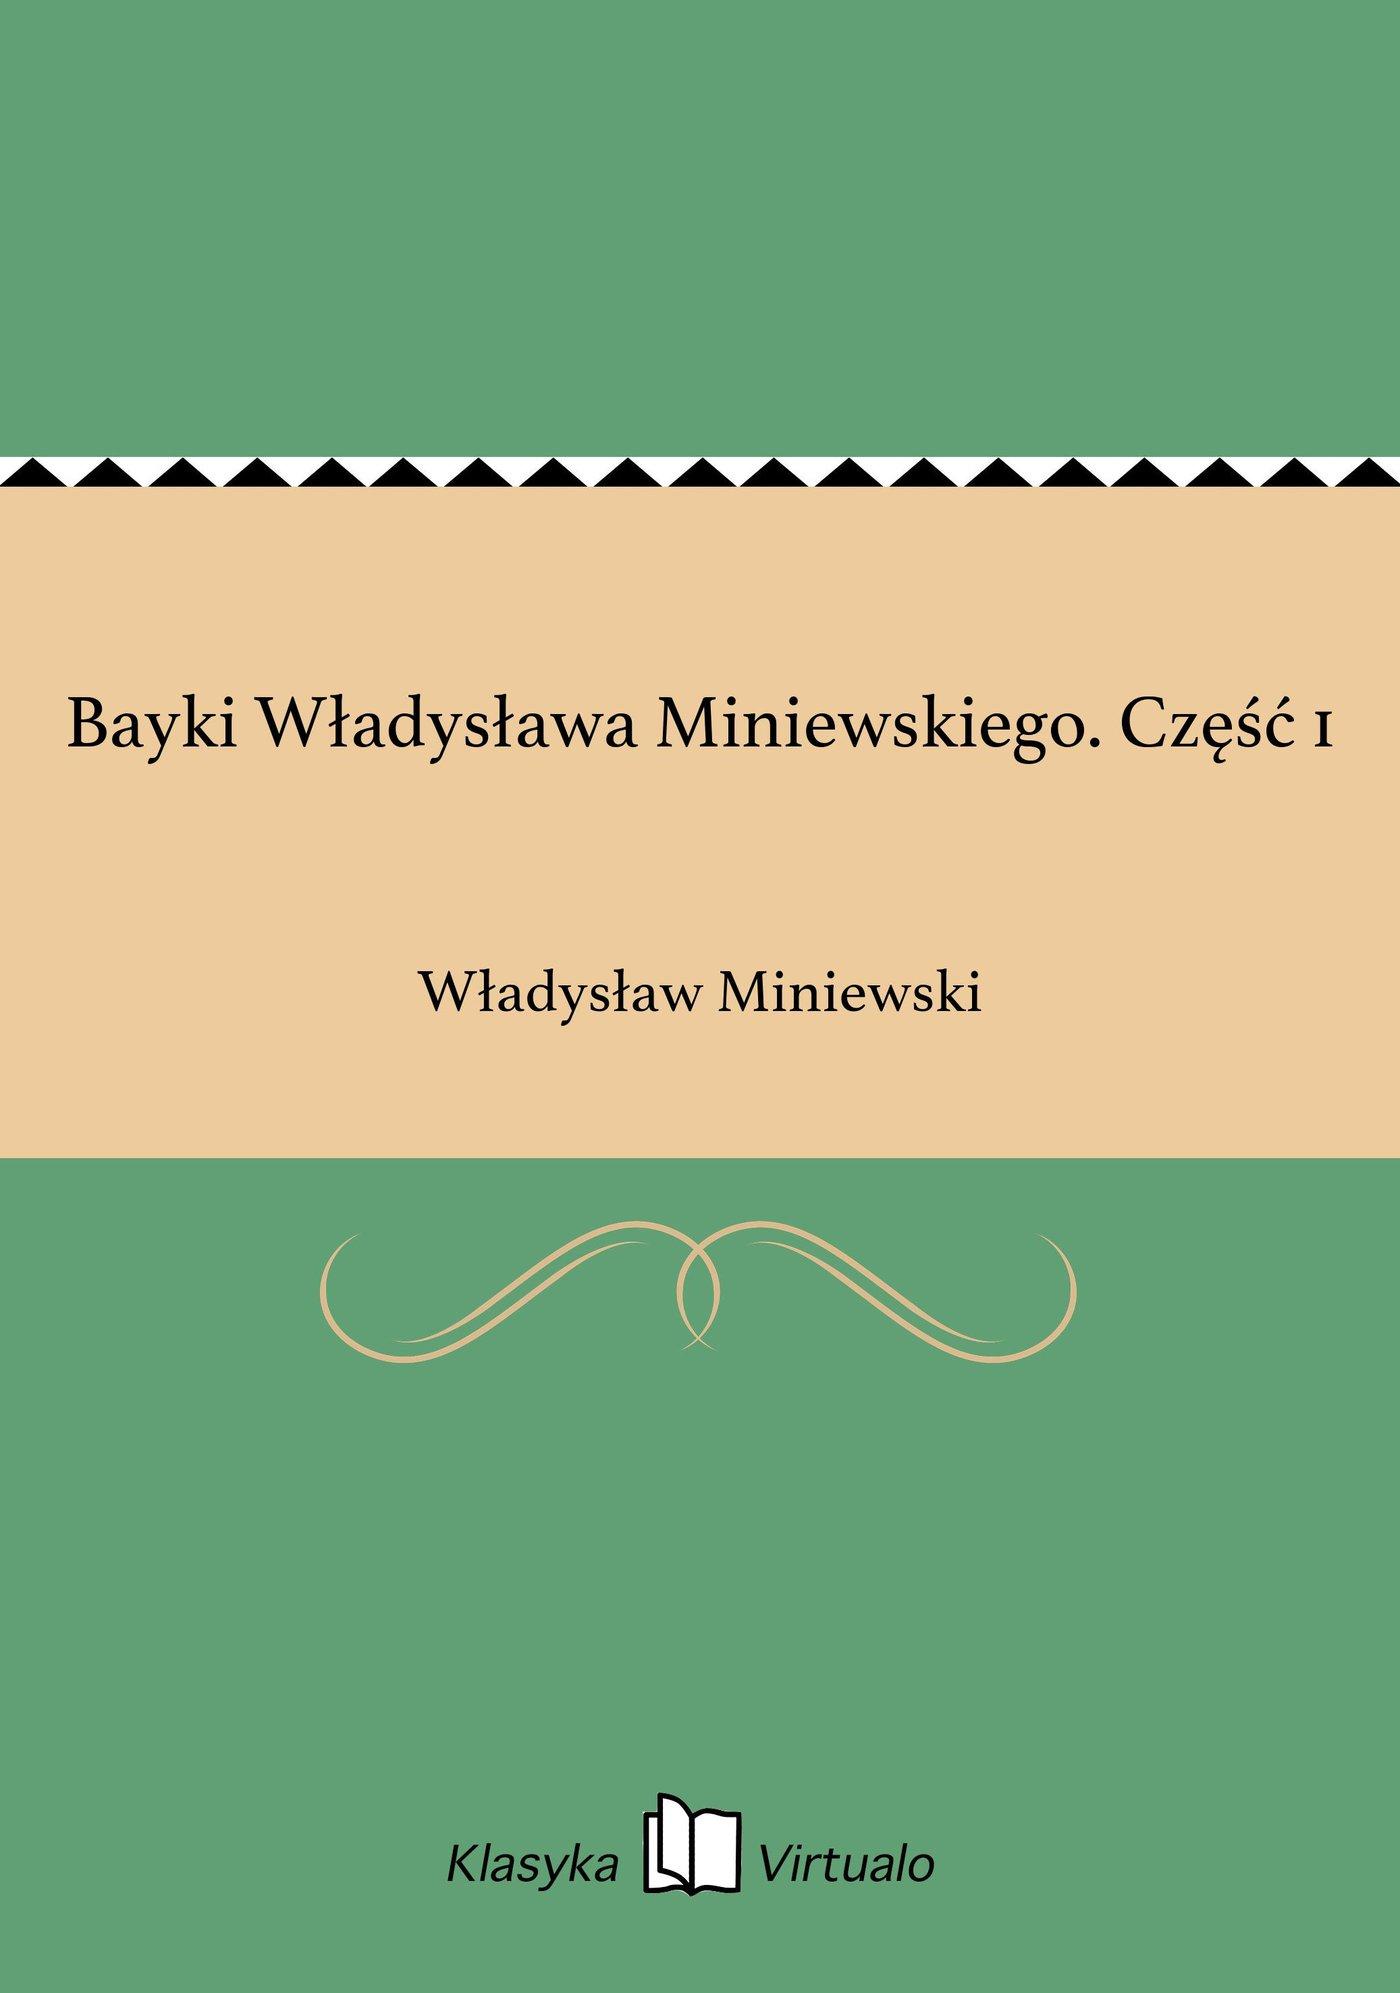 Bayki Władysława Miniewskiego. Część 1 - Ebook (Książka EPUB) do pobrania w formacie EPUB